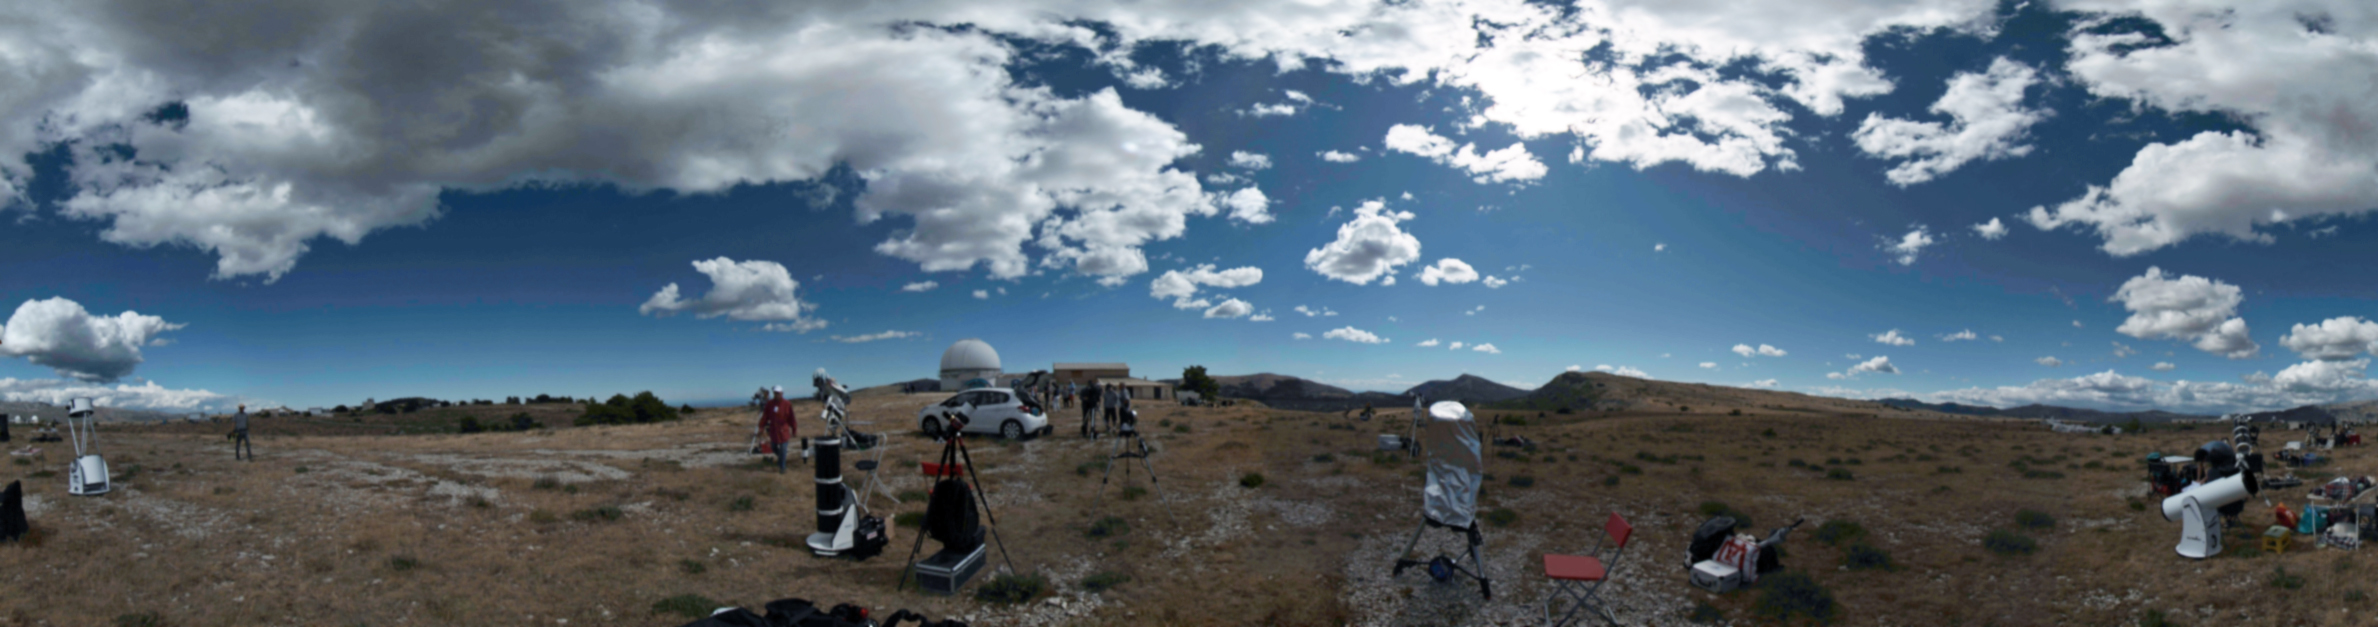 Panoramique plateau de Caussols - Site de Calern par Sandra Eguay